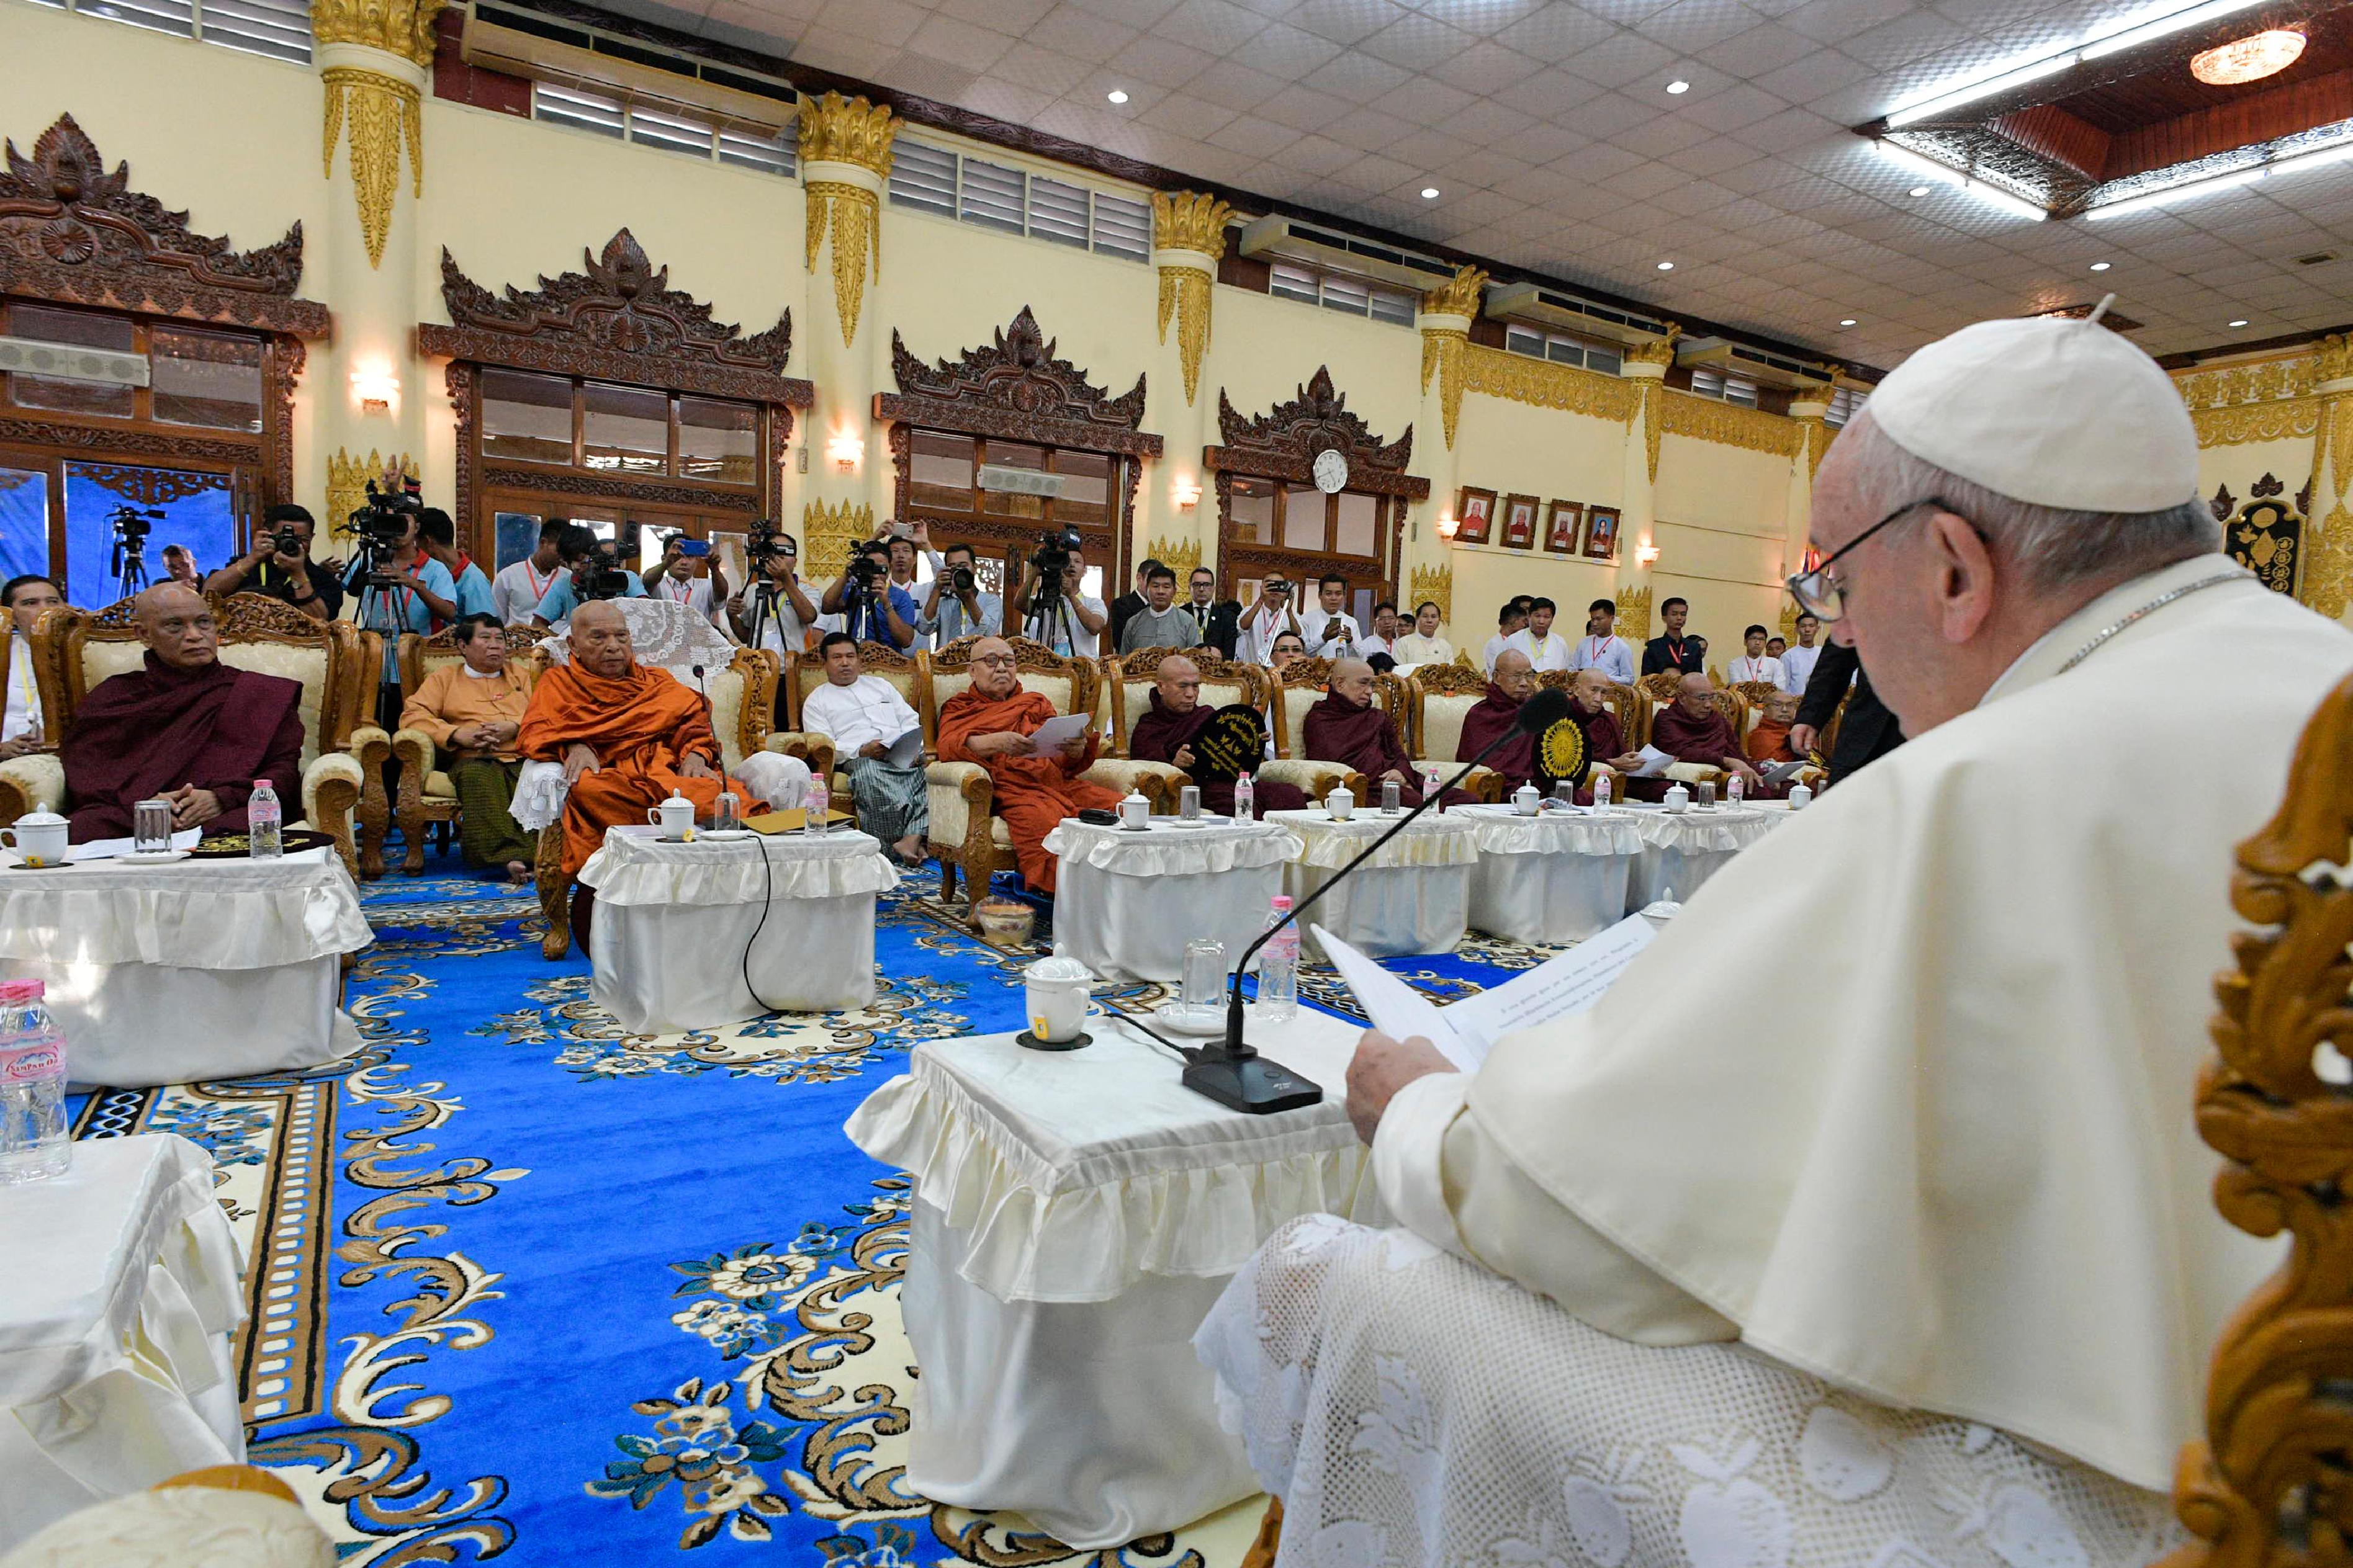 Discurso del Papa al Consejo Supremo 'Sangha' de monjes budistas © L'Osservatore Romano